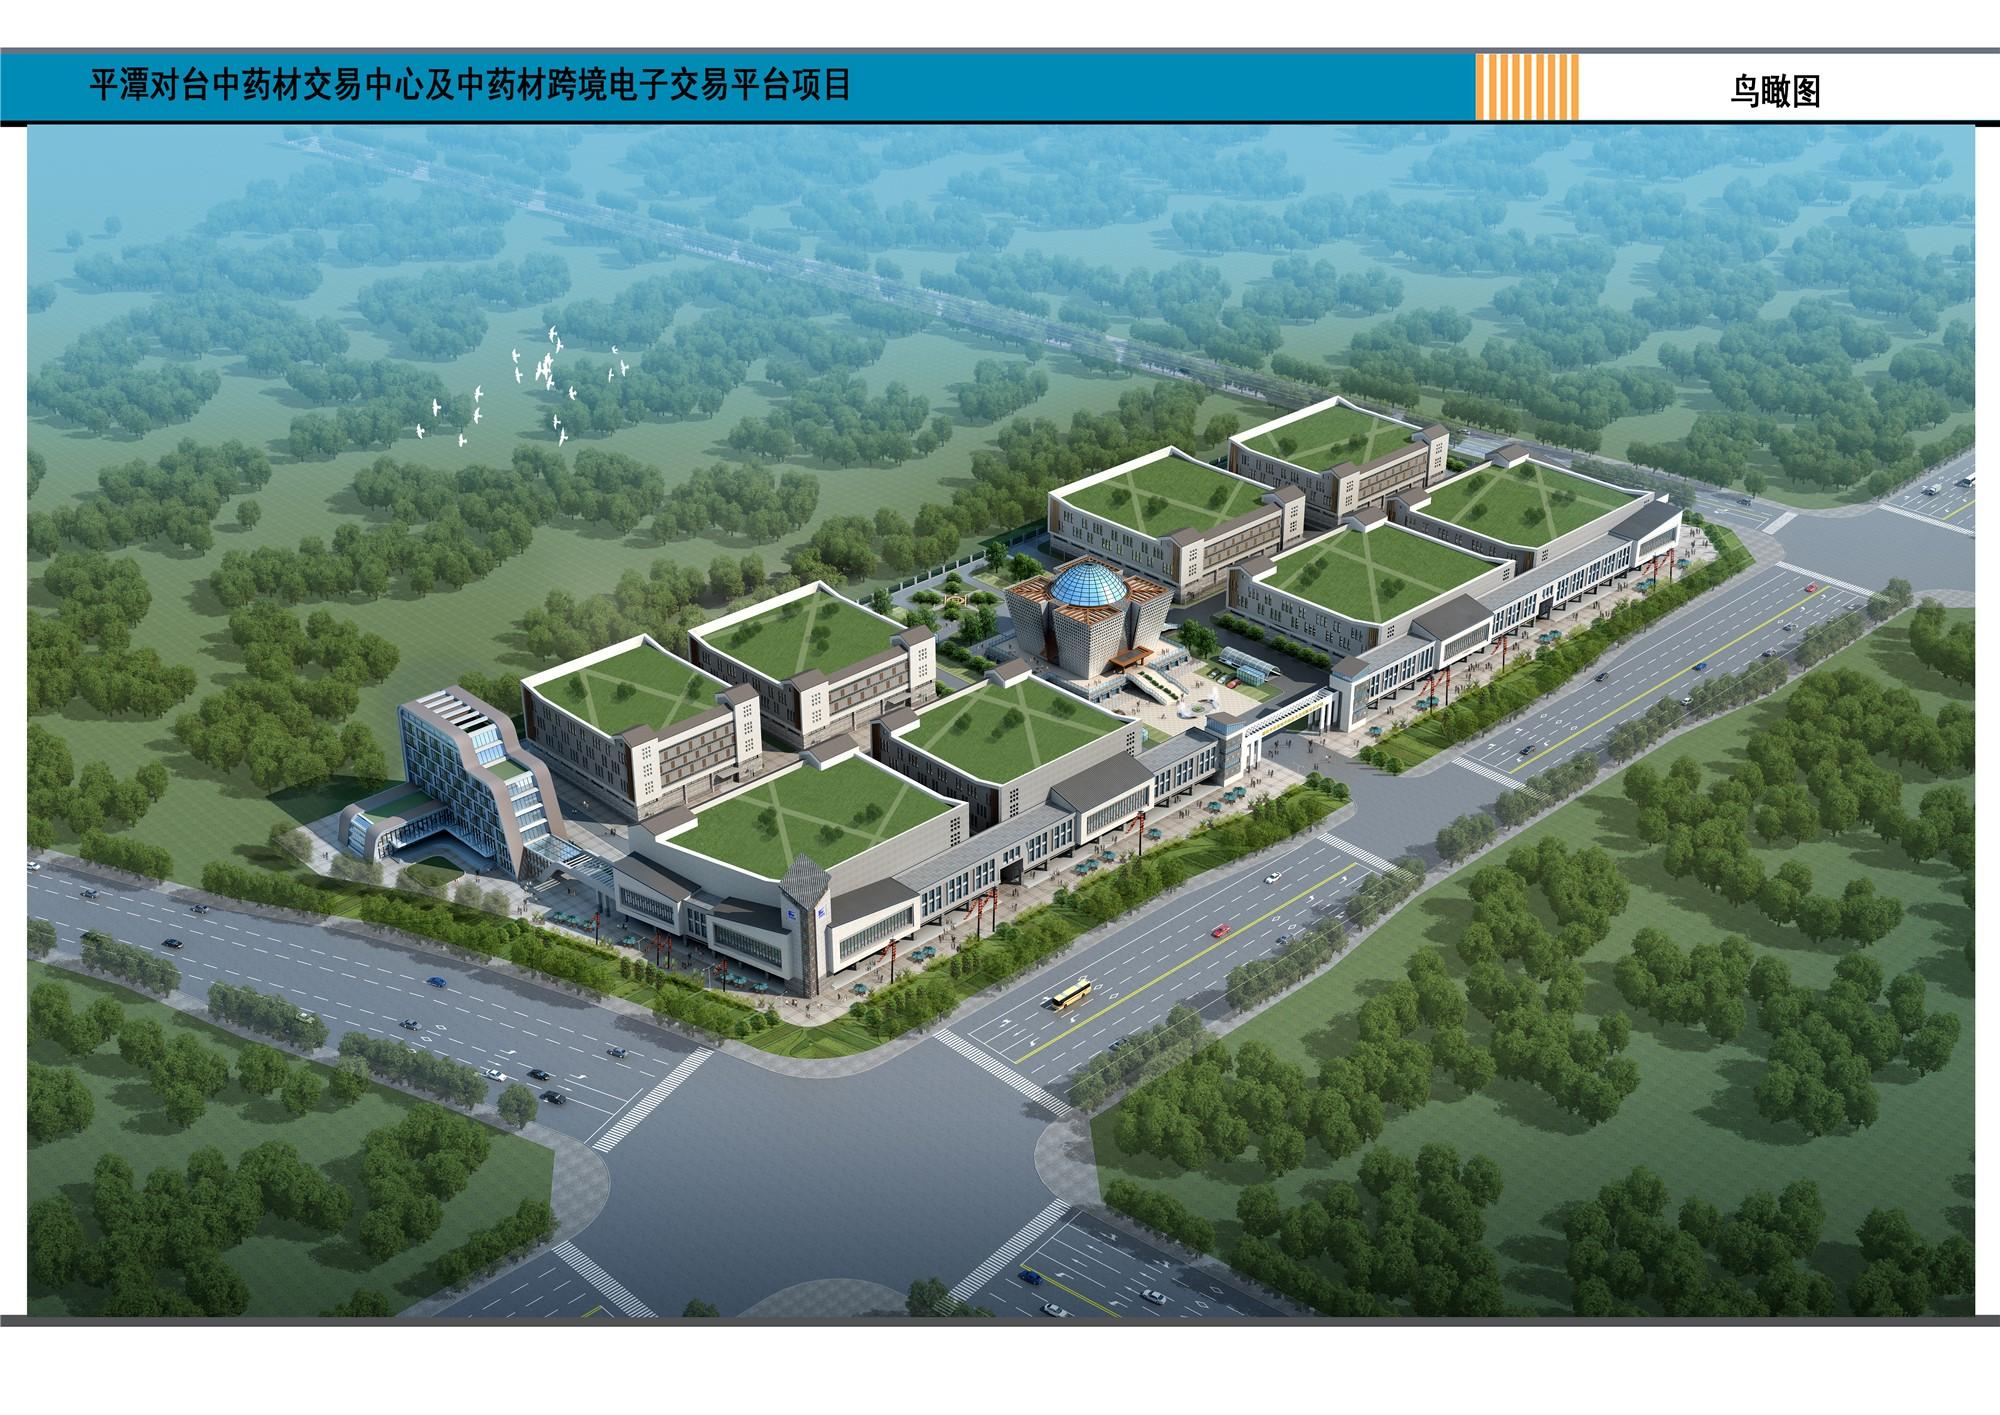 福建平潭海峡中药材交易有限责任公司平潭对台中药材交易中心及中药材跨境电子交易平台项目